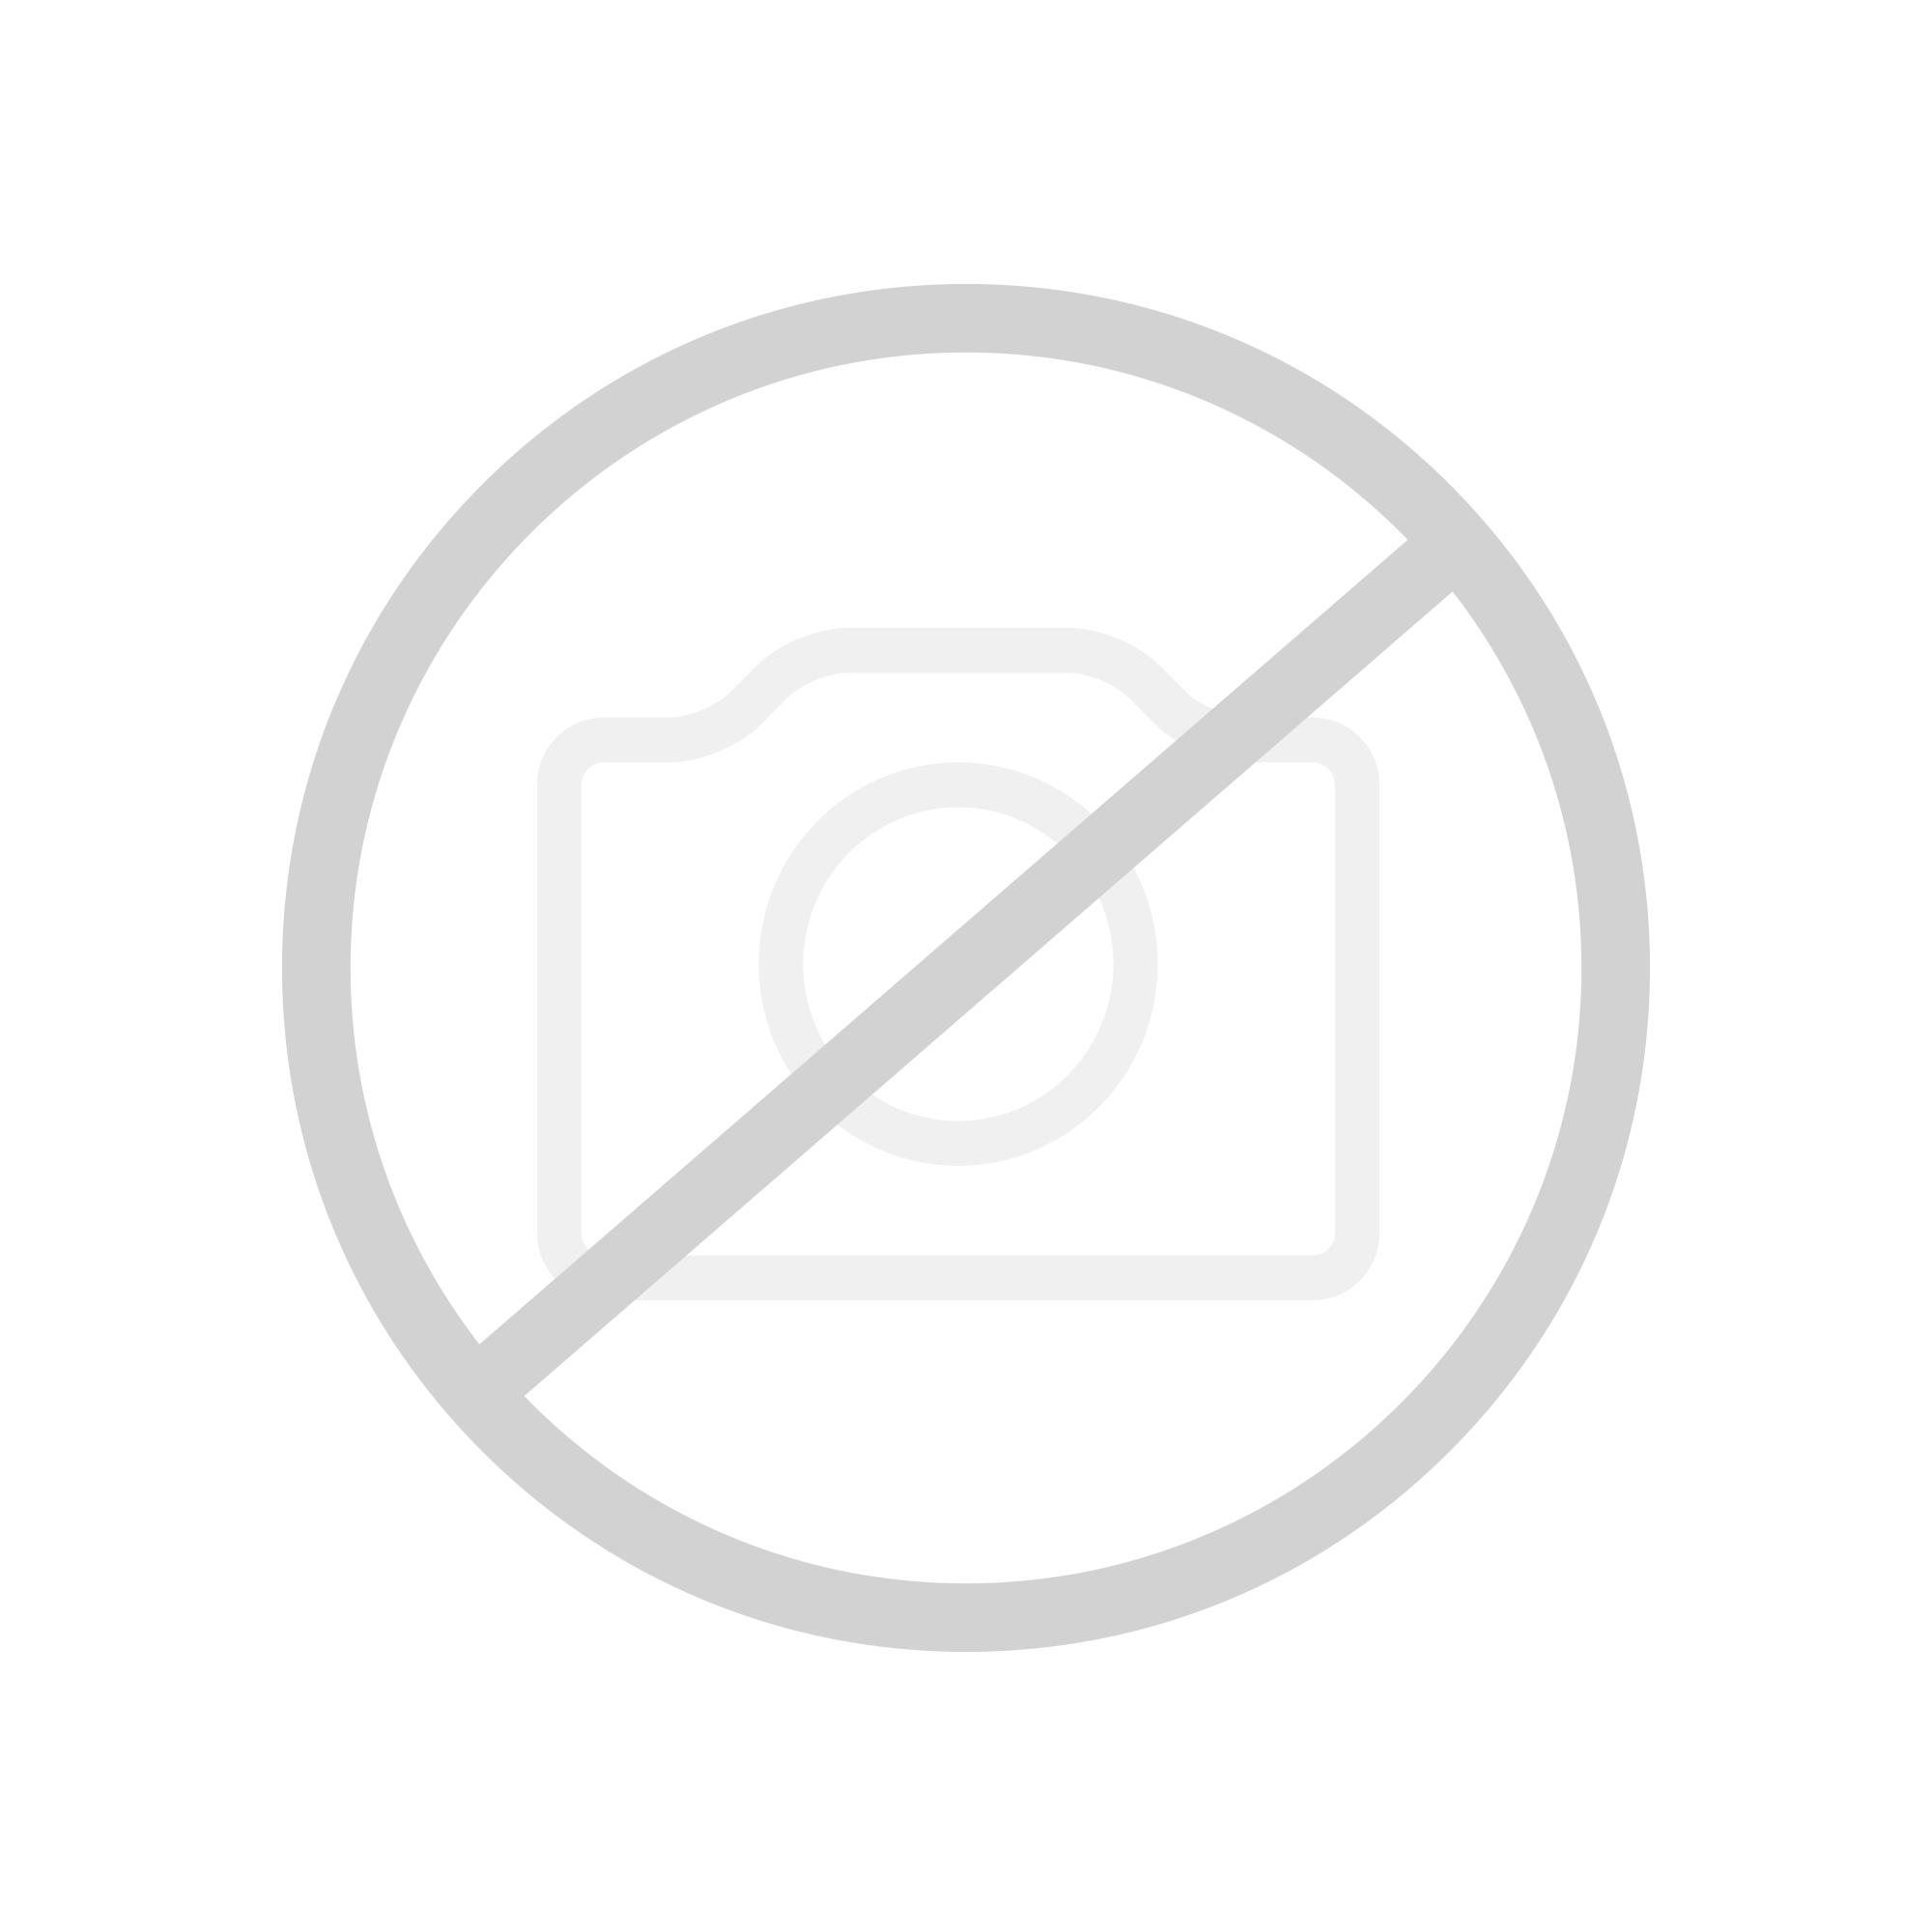 Hansa Hansastela Einhand-Wannen-Batterie, DN 15